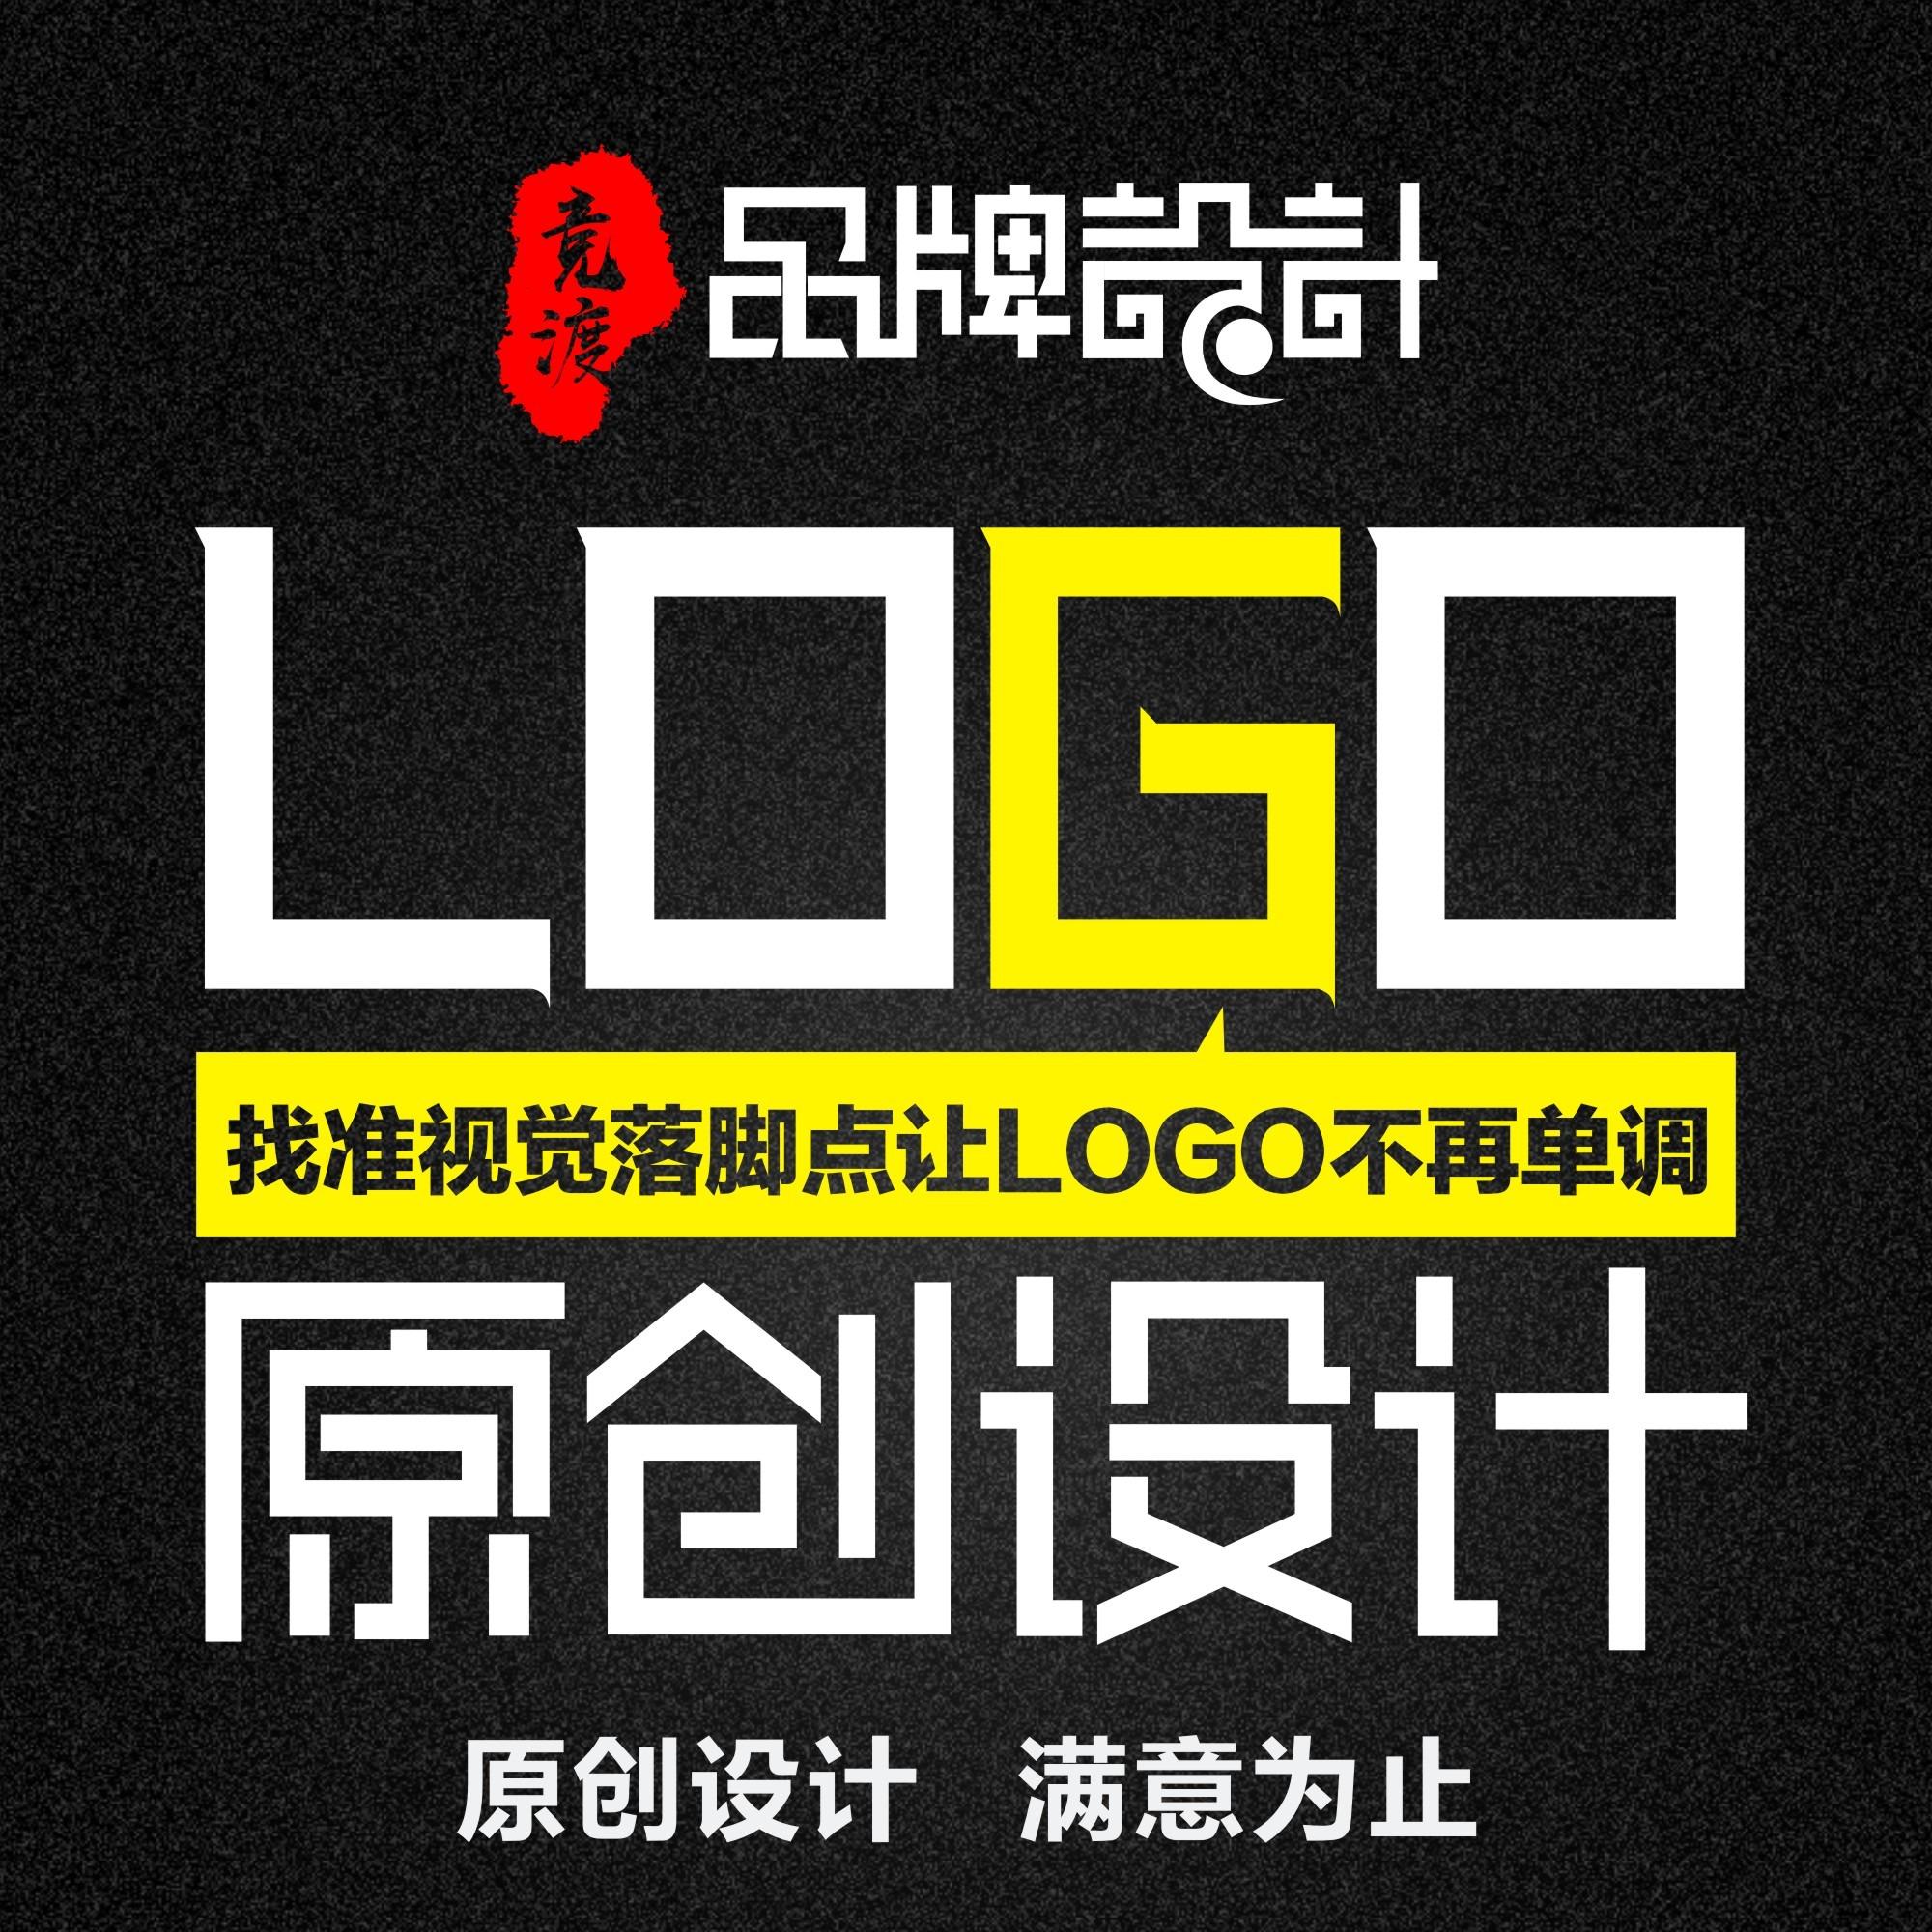 【总监操刀】LOGO设计企业LOGO商标设计标志设计品牌设计